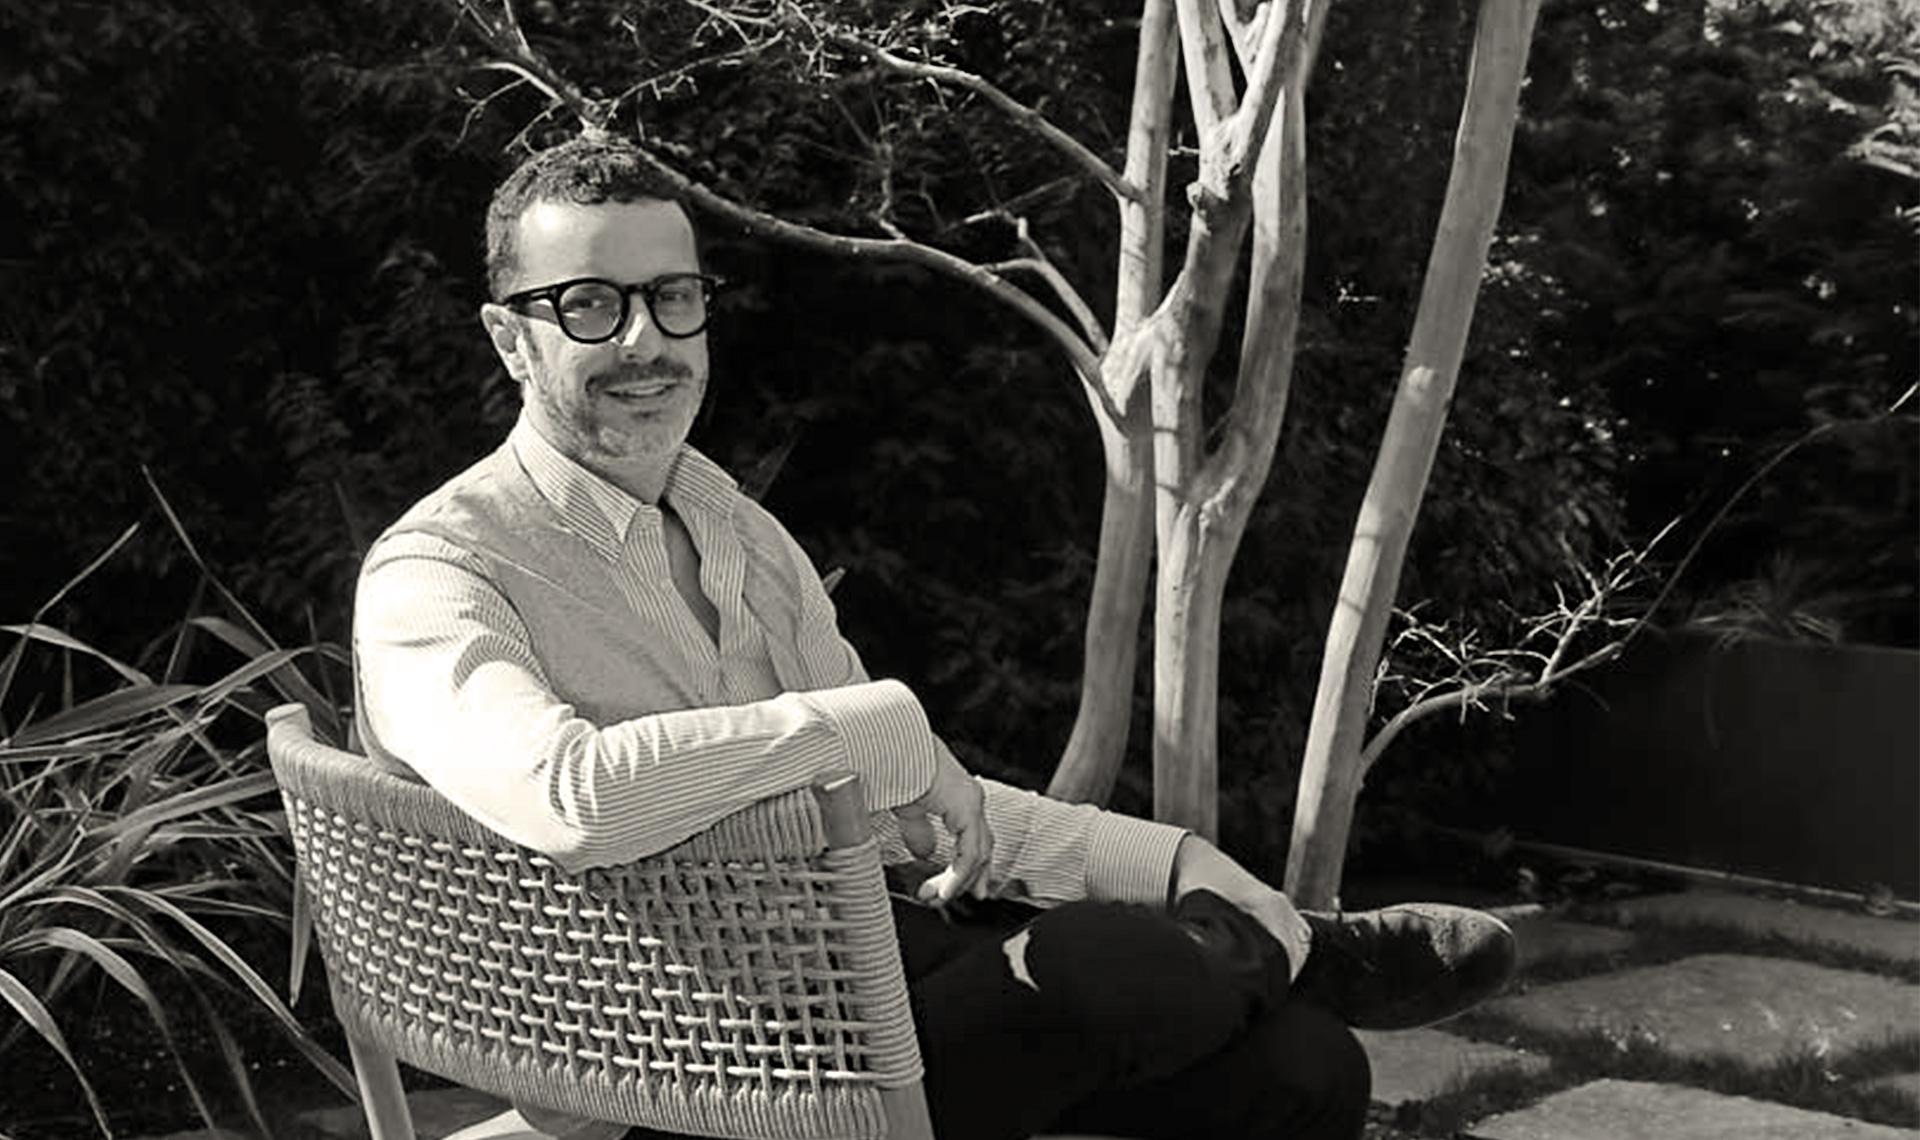 Маттео Галимберти, Flexform: мы можем ответить на коммерческий запрос